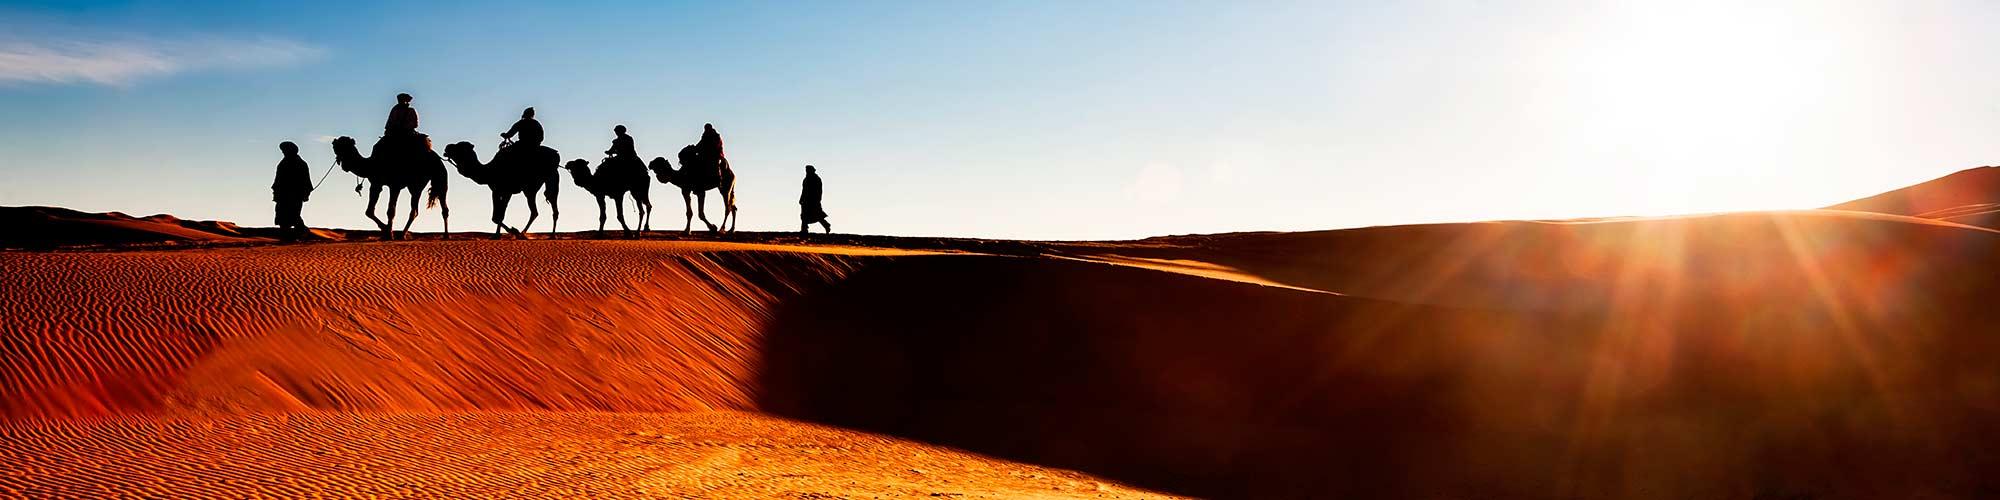 Marruecos tuwils - El Pais Viajes